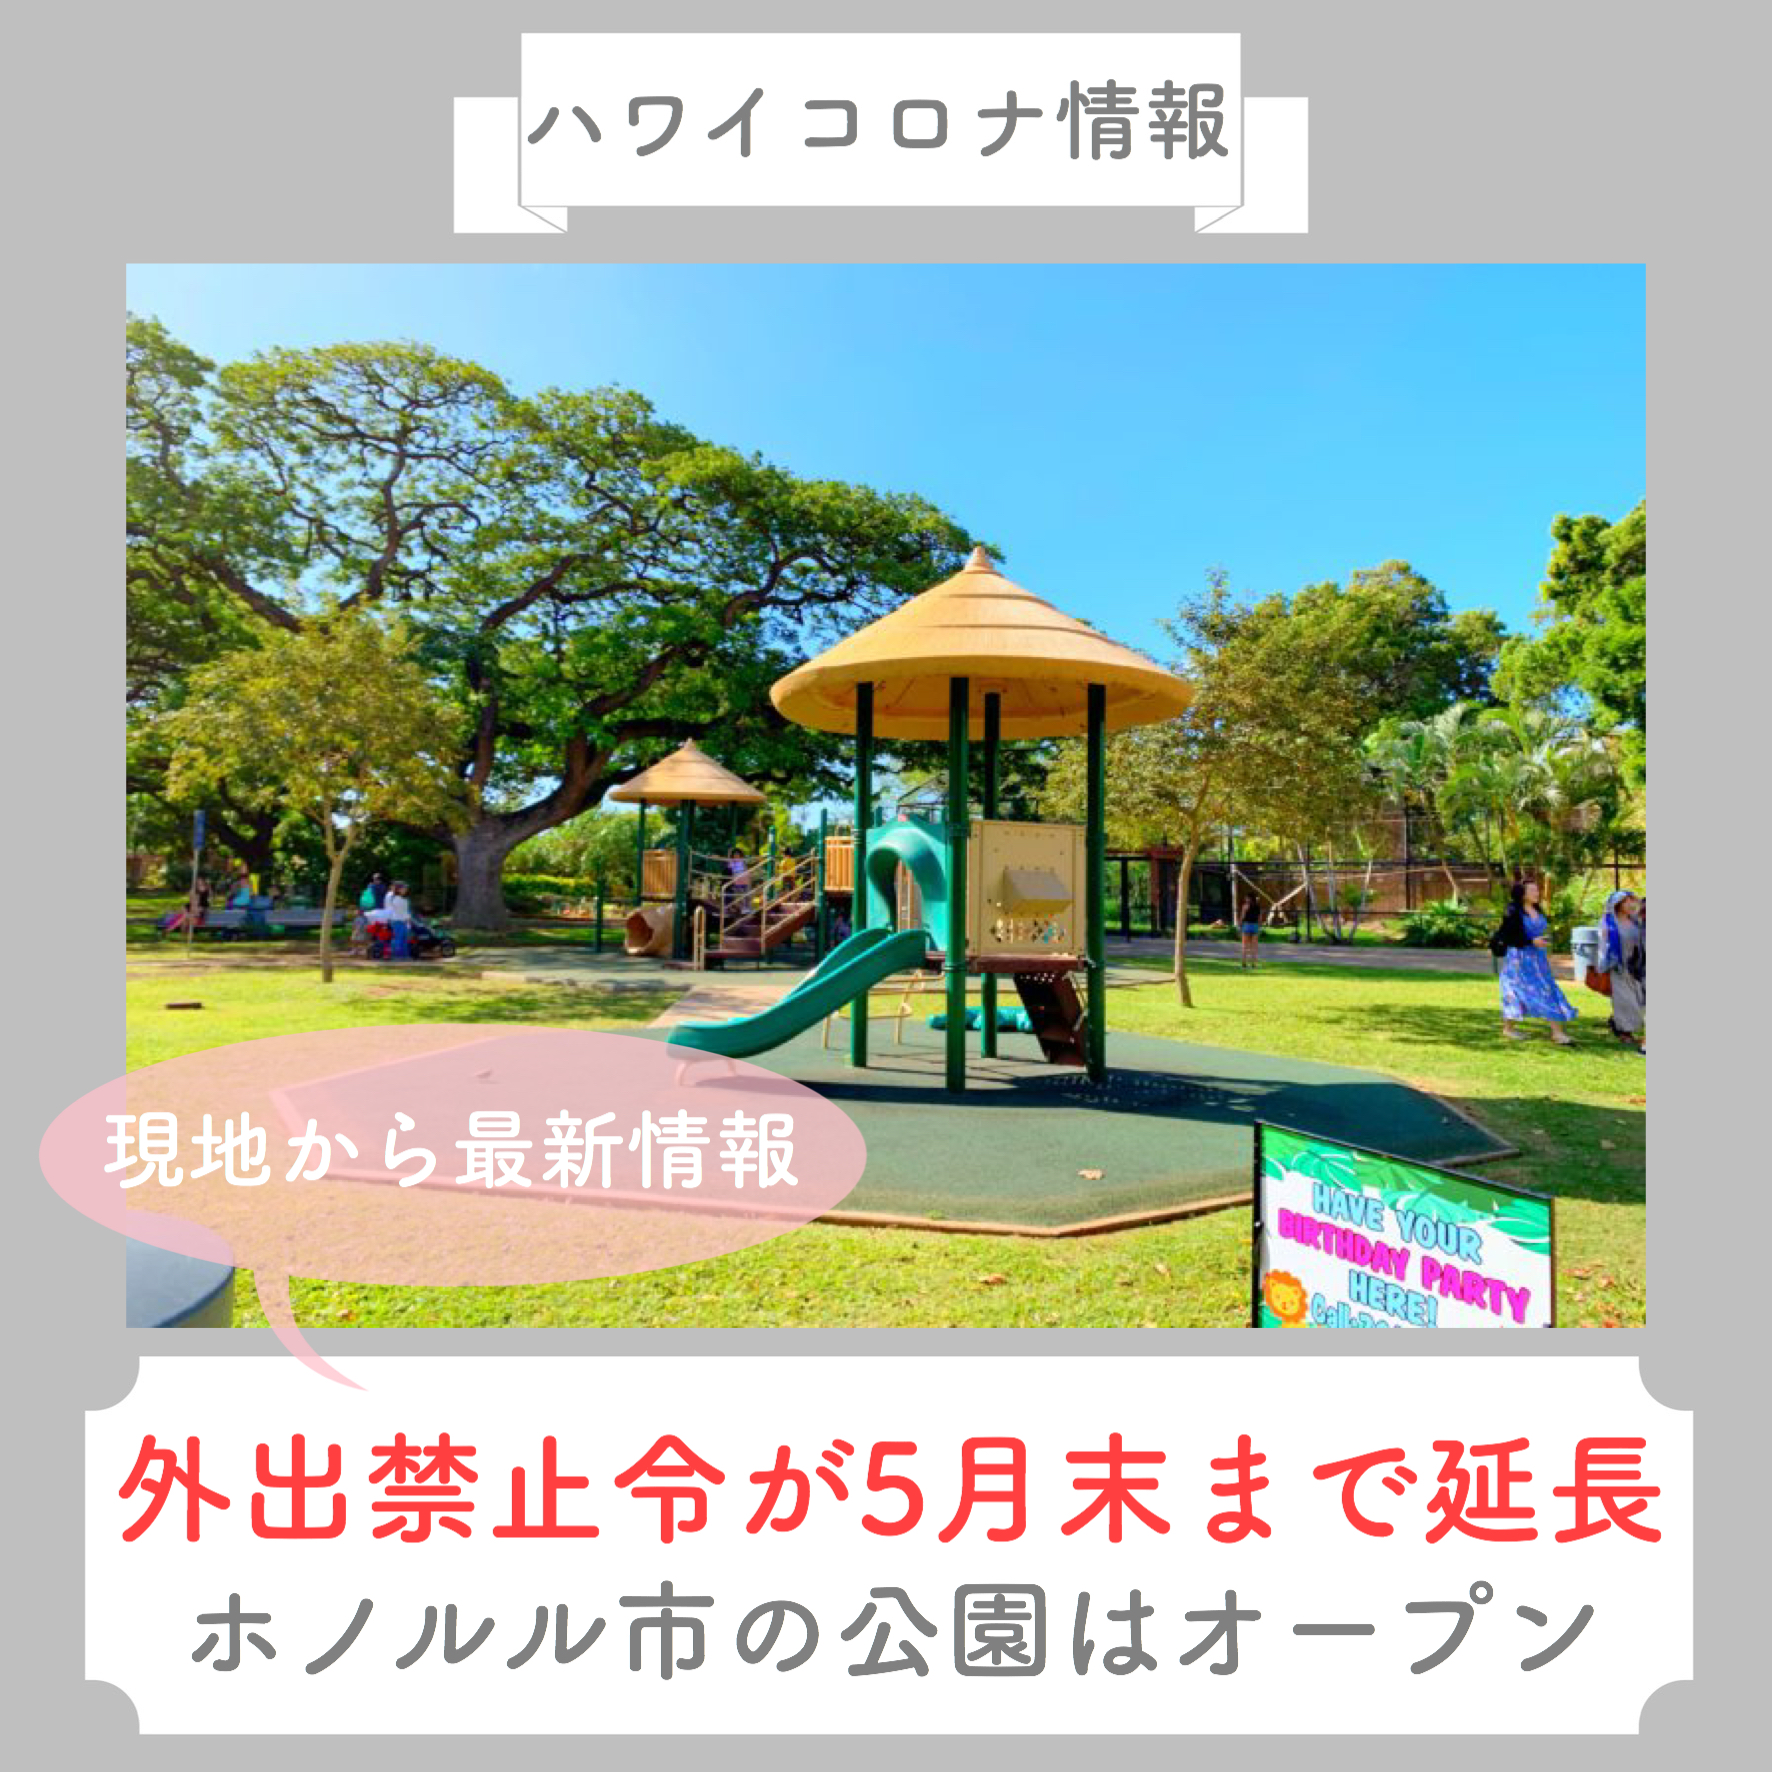 【ハワイコロナ情報】外出禁止令を5月末まで延長 ホノルル市の公園はオープン